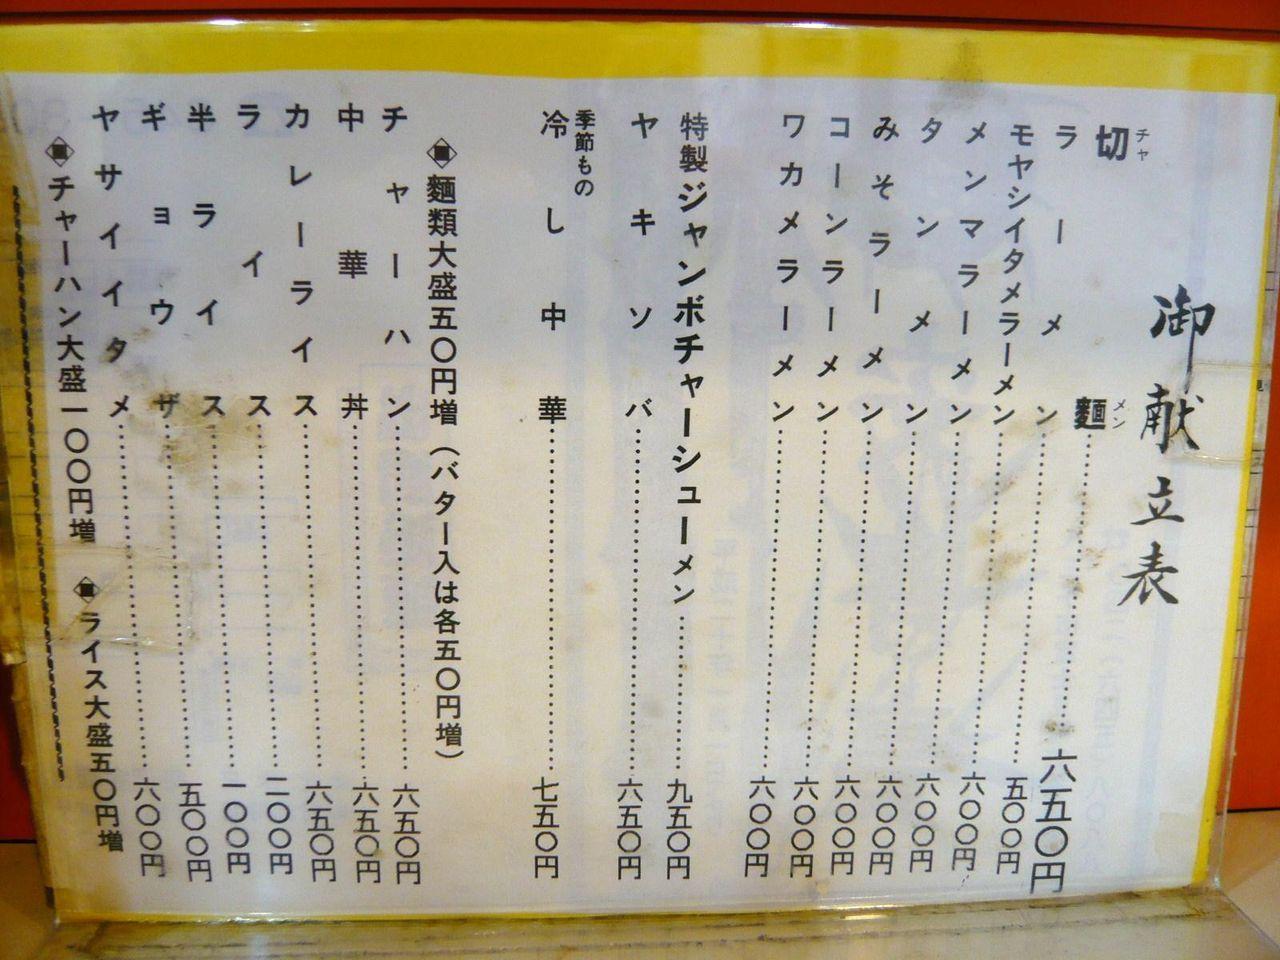 安斉亭のメニュー(23年2月現在)